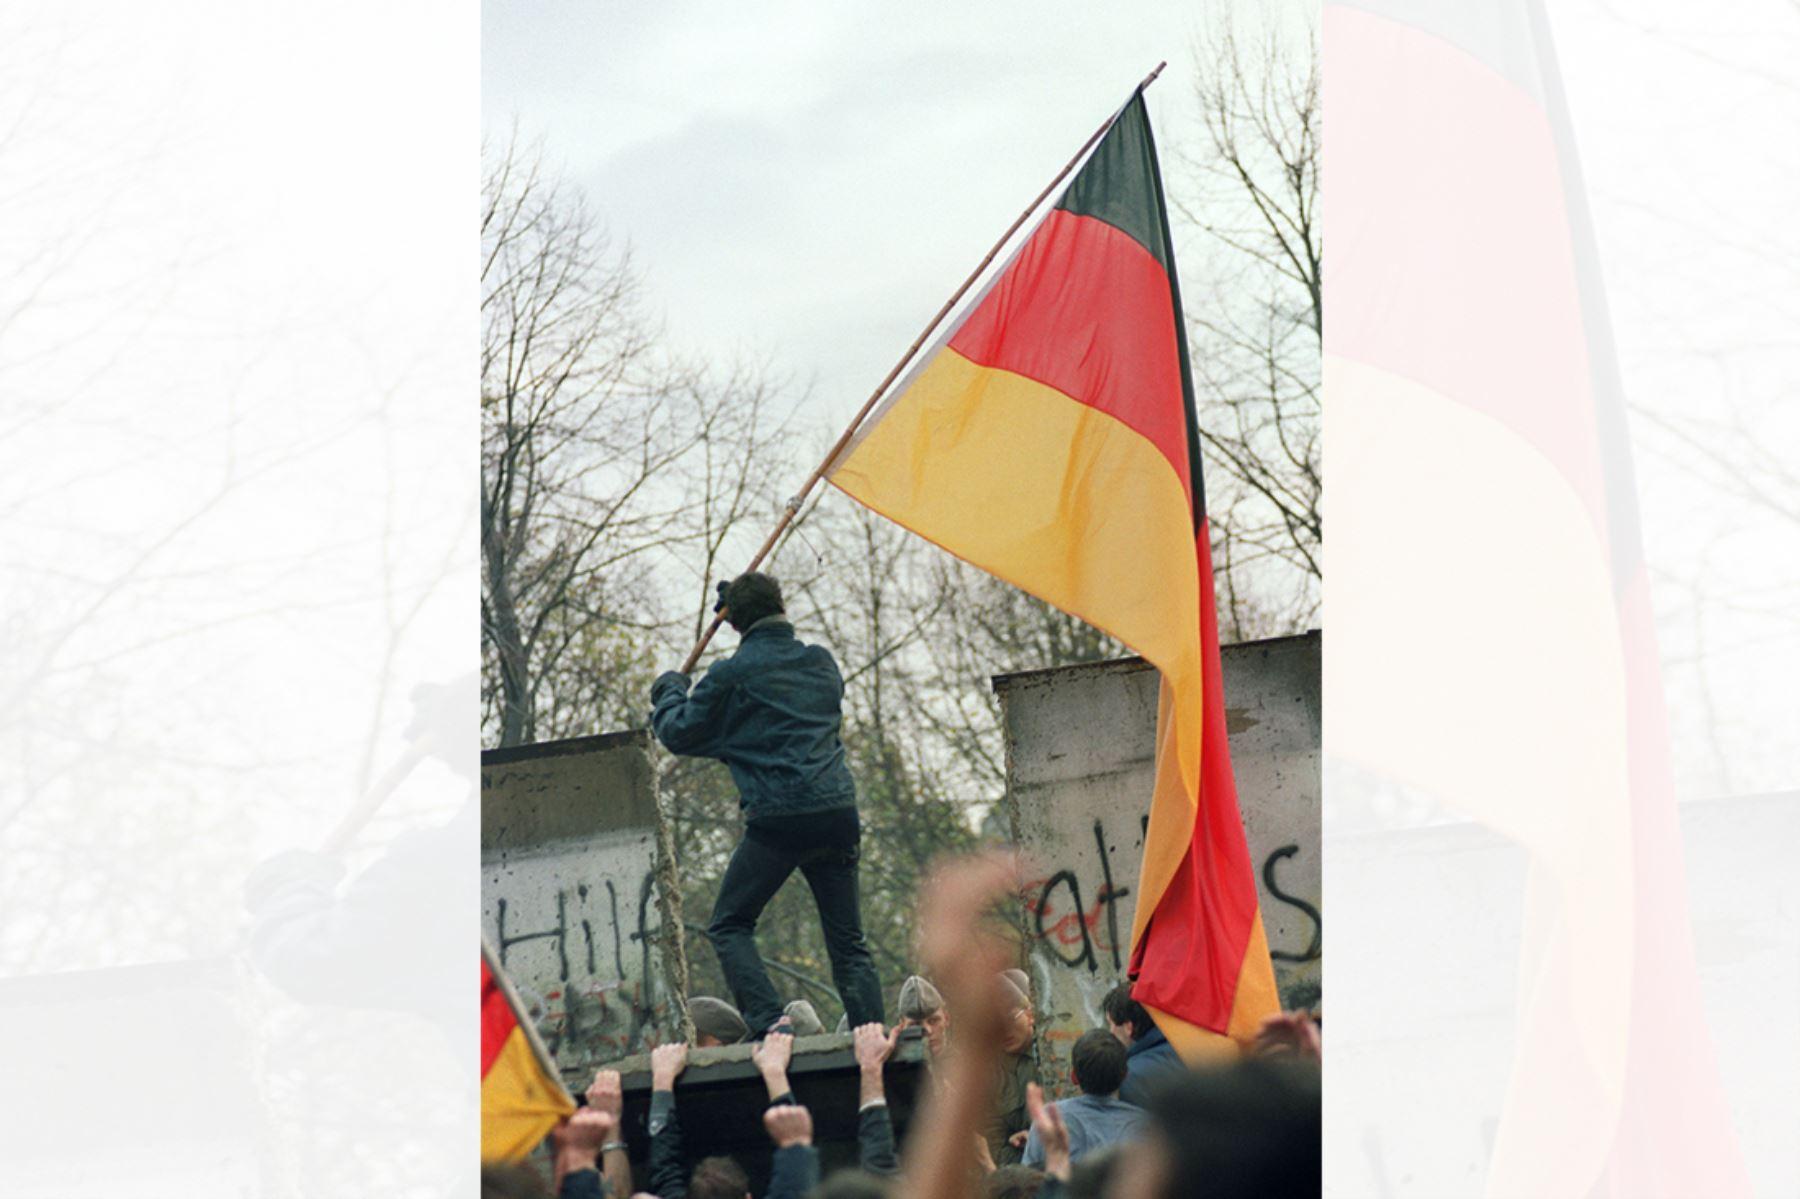 Un berlinés occidental se prepara para entregar una bandera de Alemania a los berlineses orientales a través de una parte del Muro de Berlín caído cerca de la Puerta de Brandenburgo el 11 de noviembre de 1989. Foto: AFP